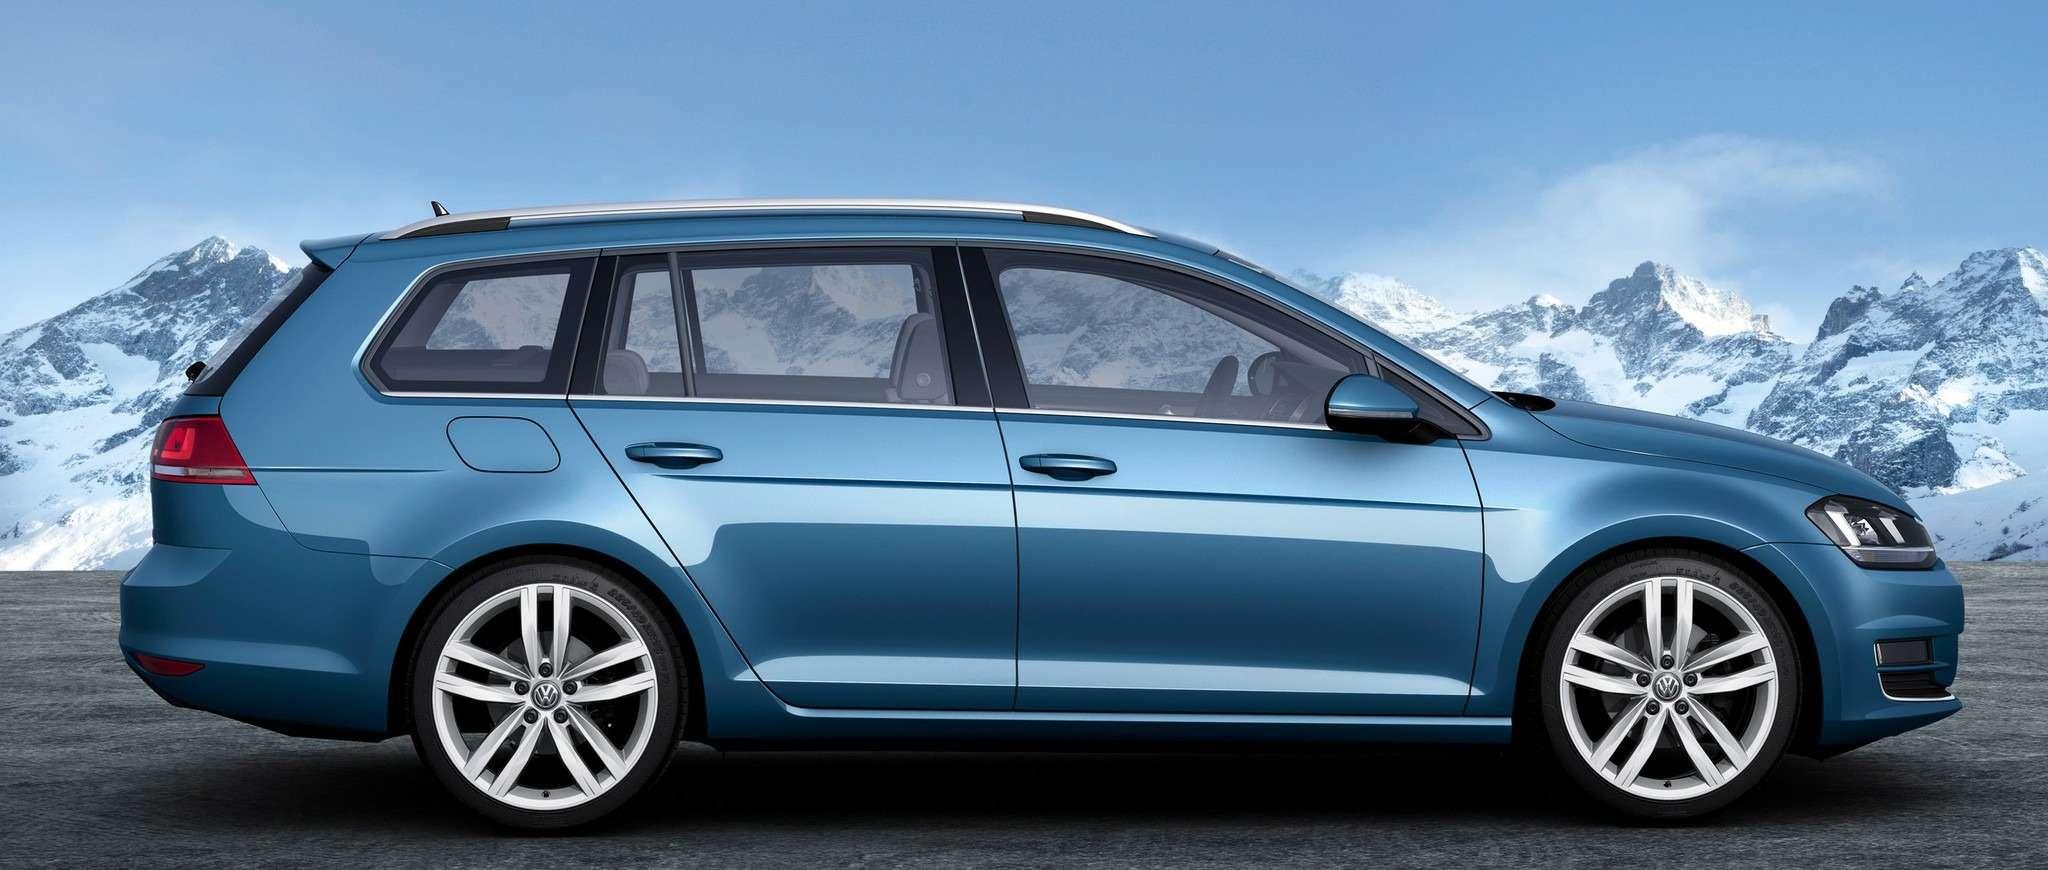 nocopyright Volkswagen SportWagen rendering